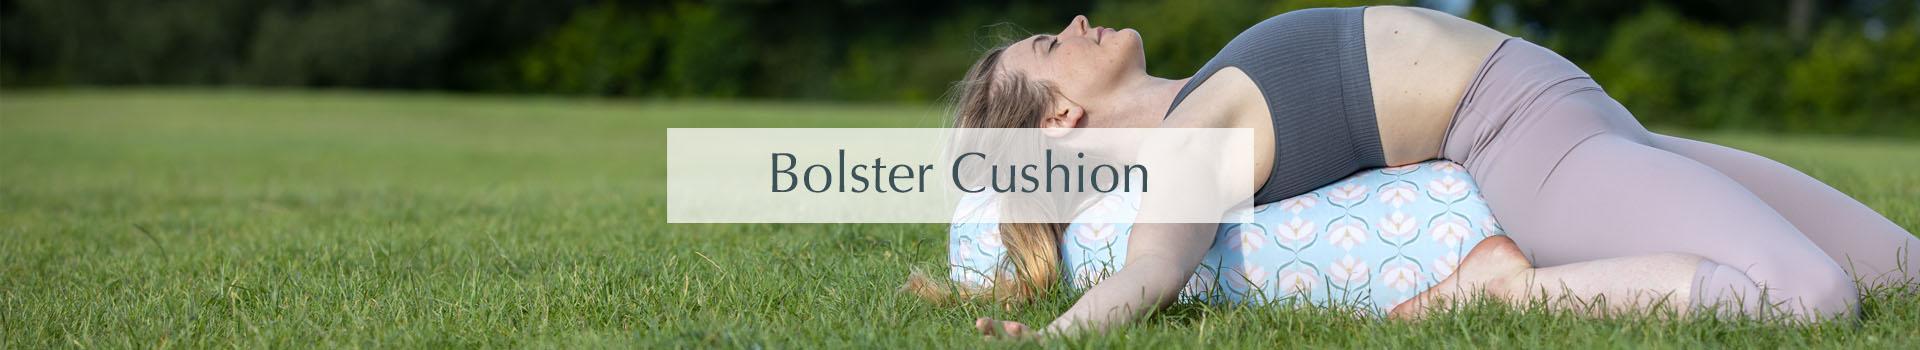 bolster-cushion-2.jpg